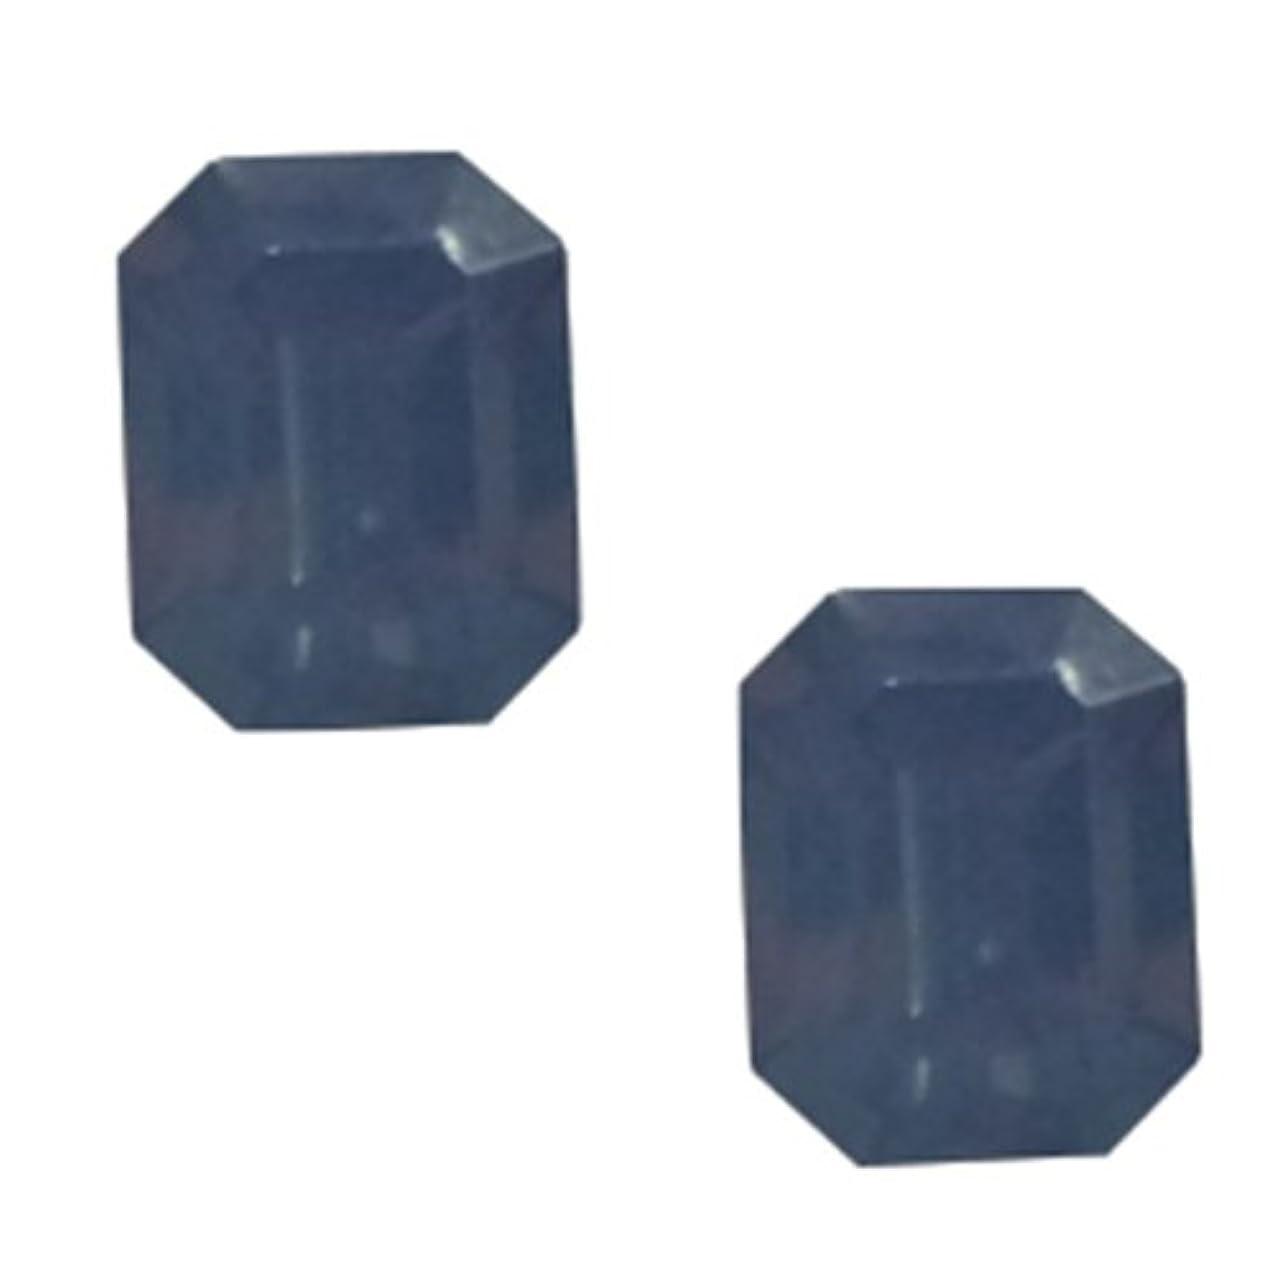 やりすぎ衝突楕円形POSH ART ネイルパーツ長方形型 4*6mm 10P ブルーオパール